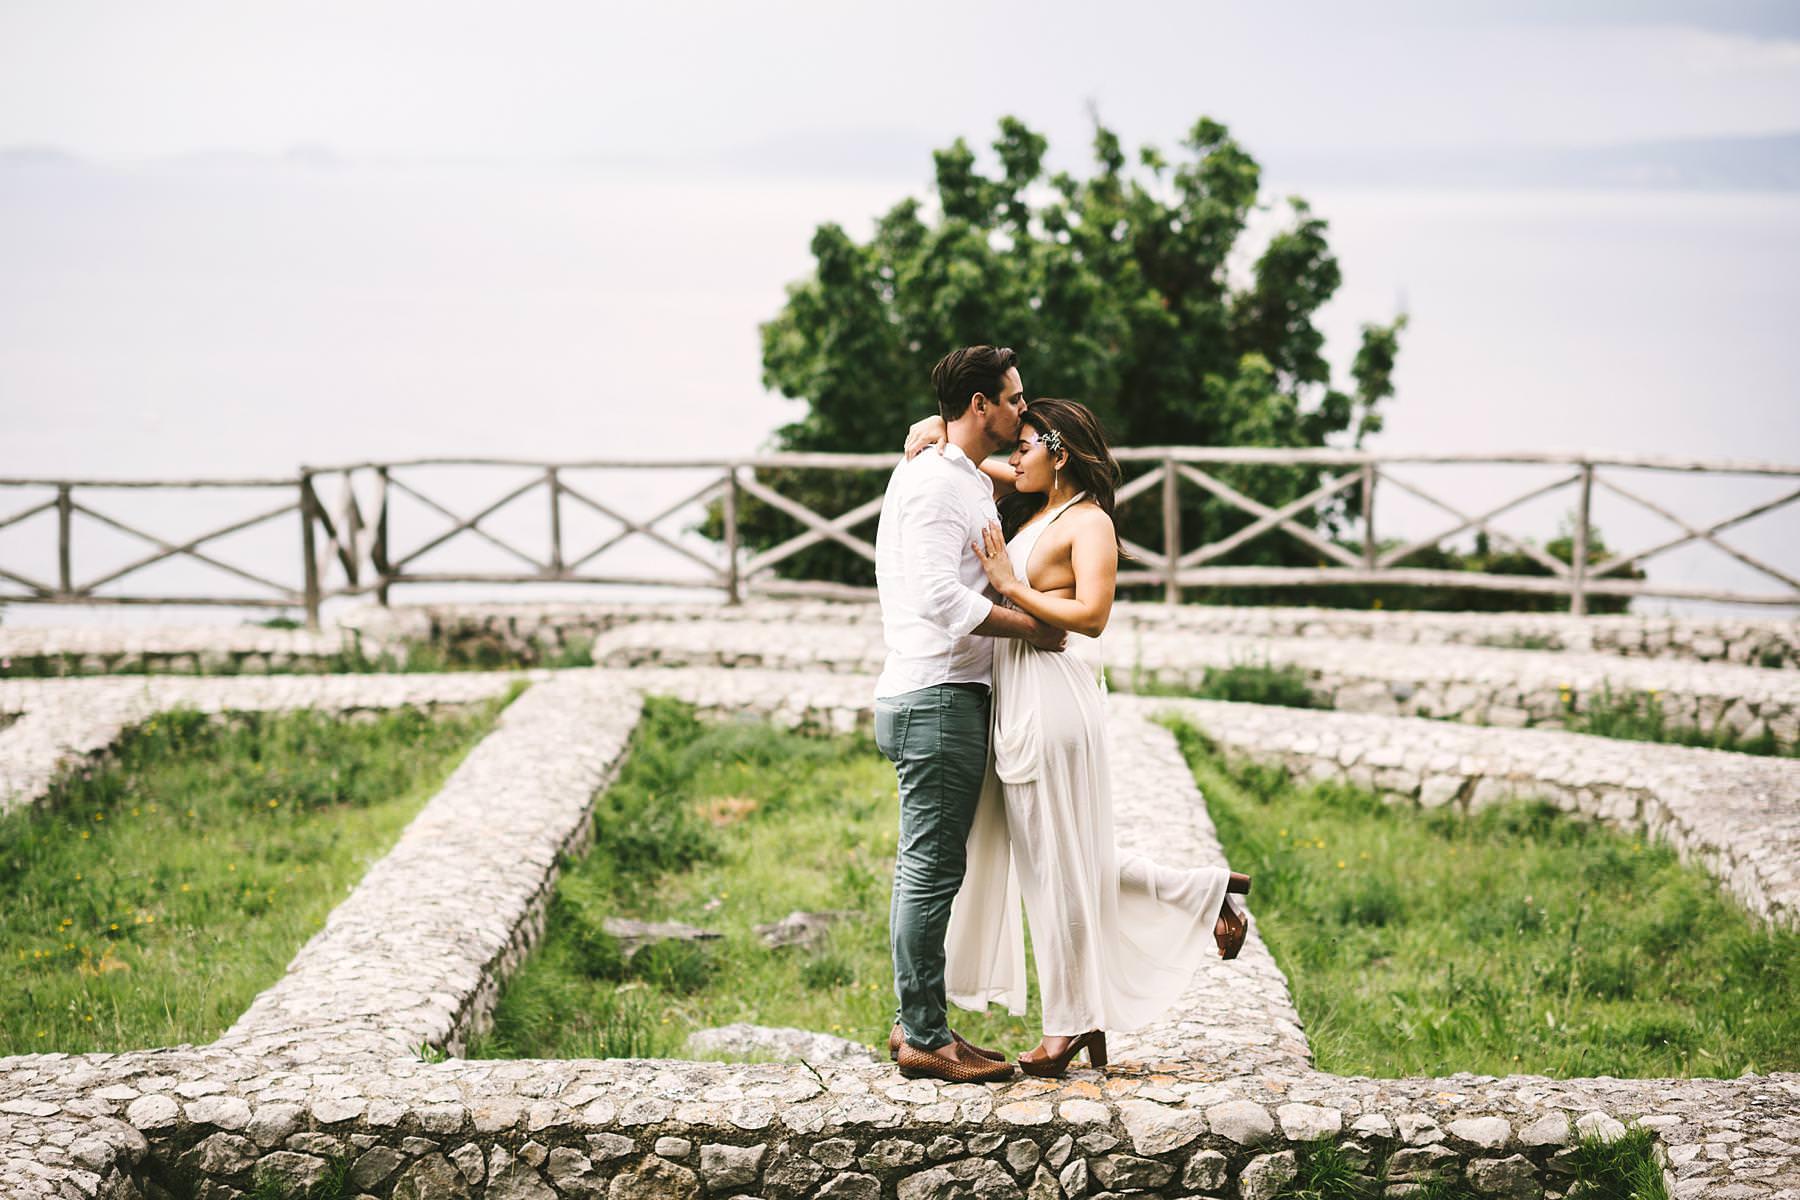 Elegant and intima pre-wedding couple portrait photo session in Capri